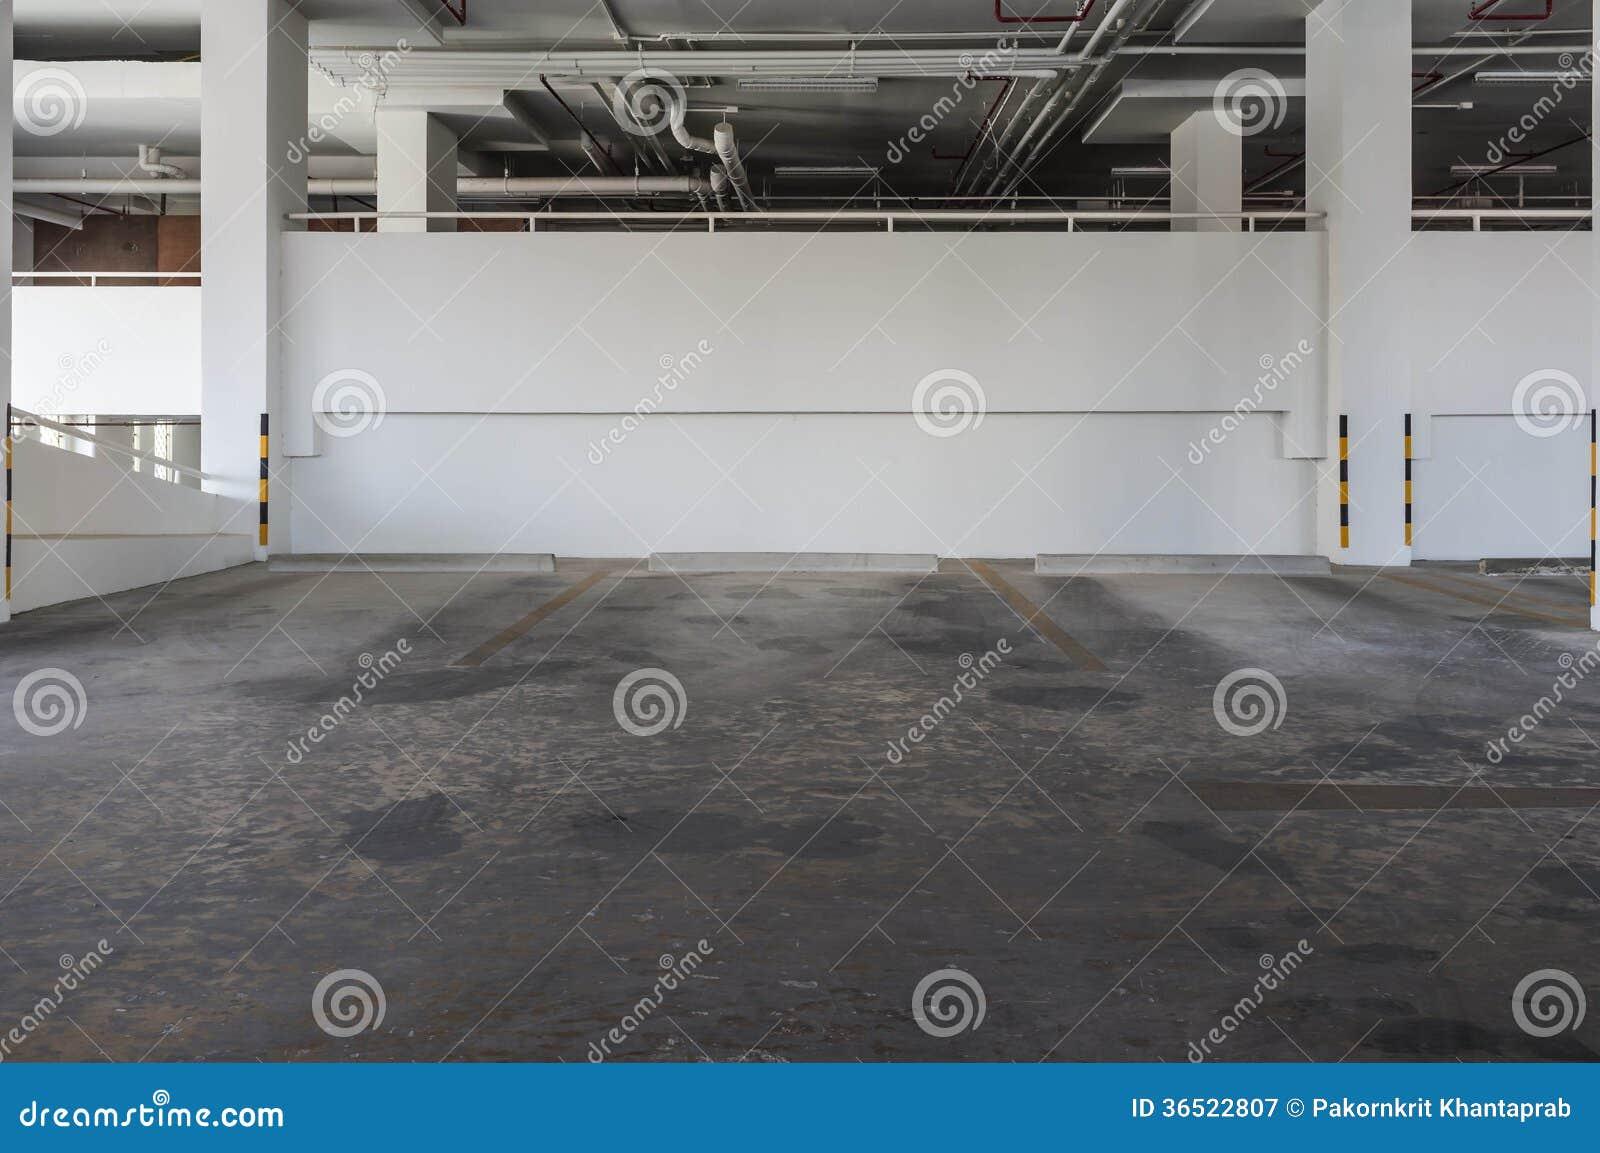 Kondominium-Gebäude-Parken